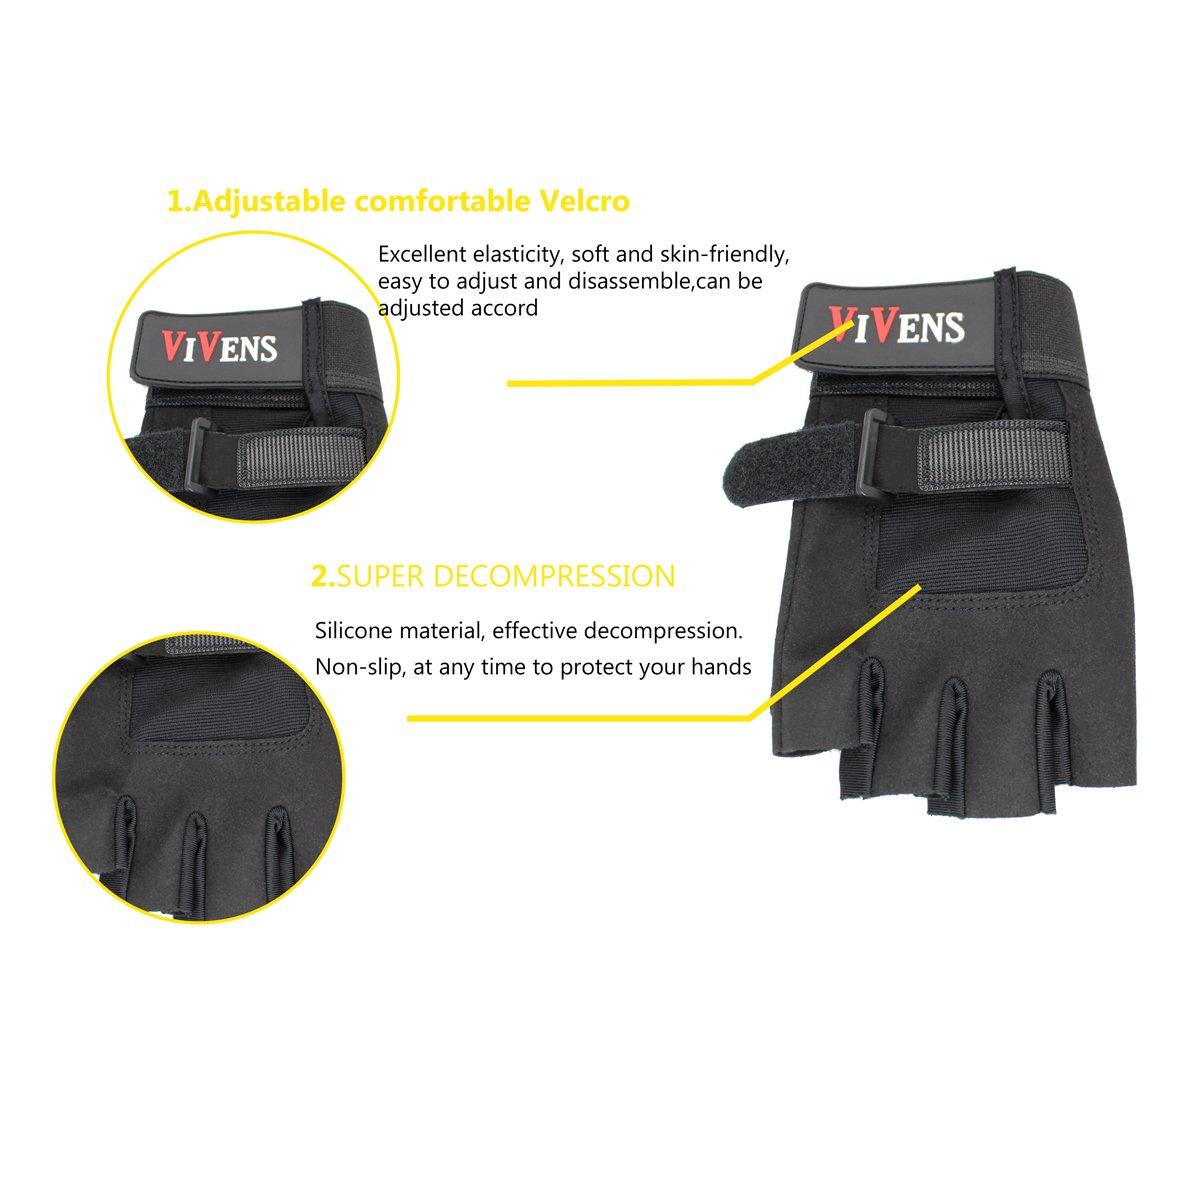 VIVENS Ultraleicht Fitness Handschuhe Trainingshandschuhe mit Adjustable Handgelenkst/ütze und Safe Geleinlage Silikon Palm f/ür Krafttraining Gewichtheben und Bodybuilding Damen Herren